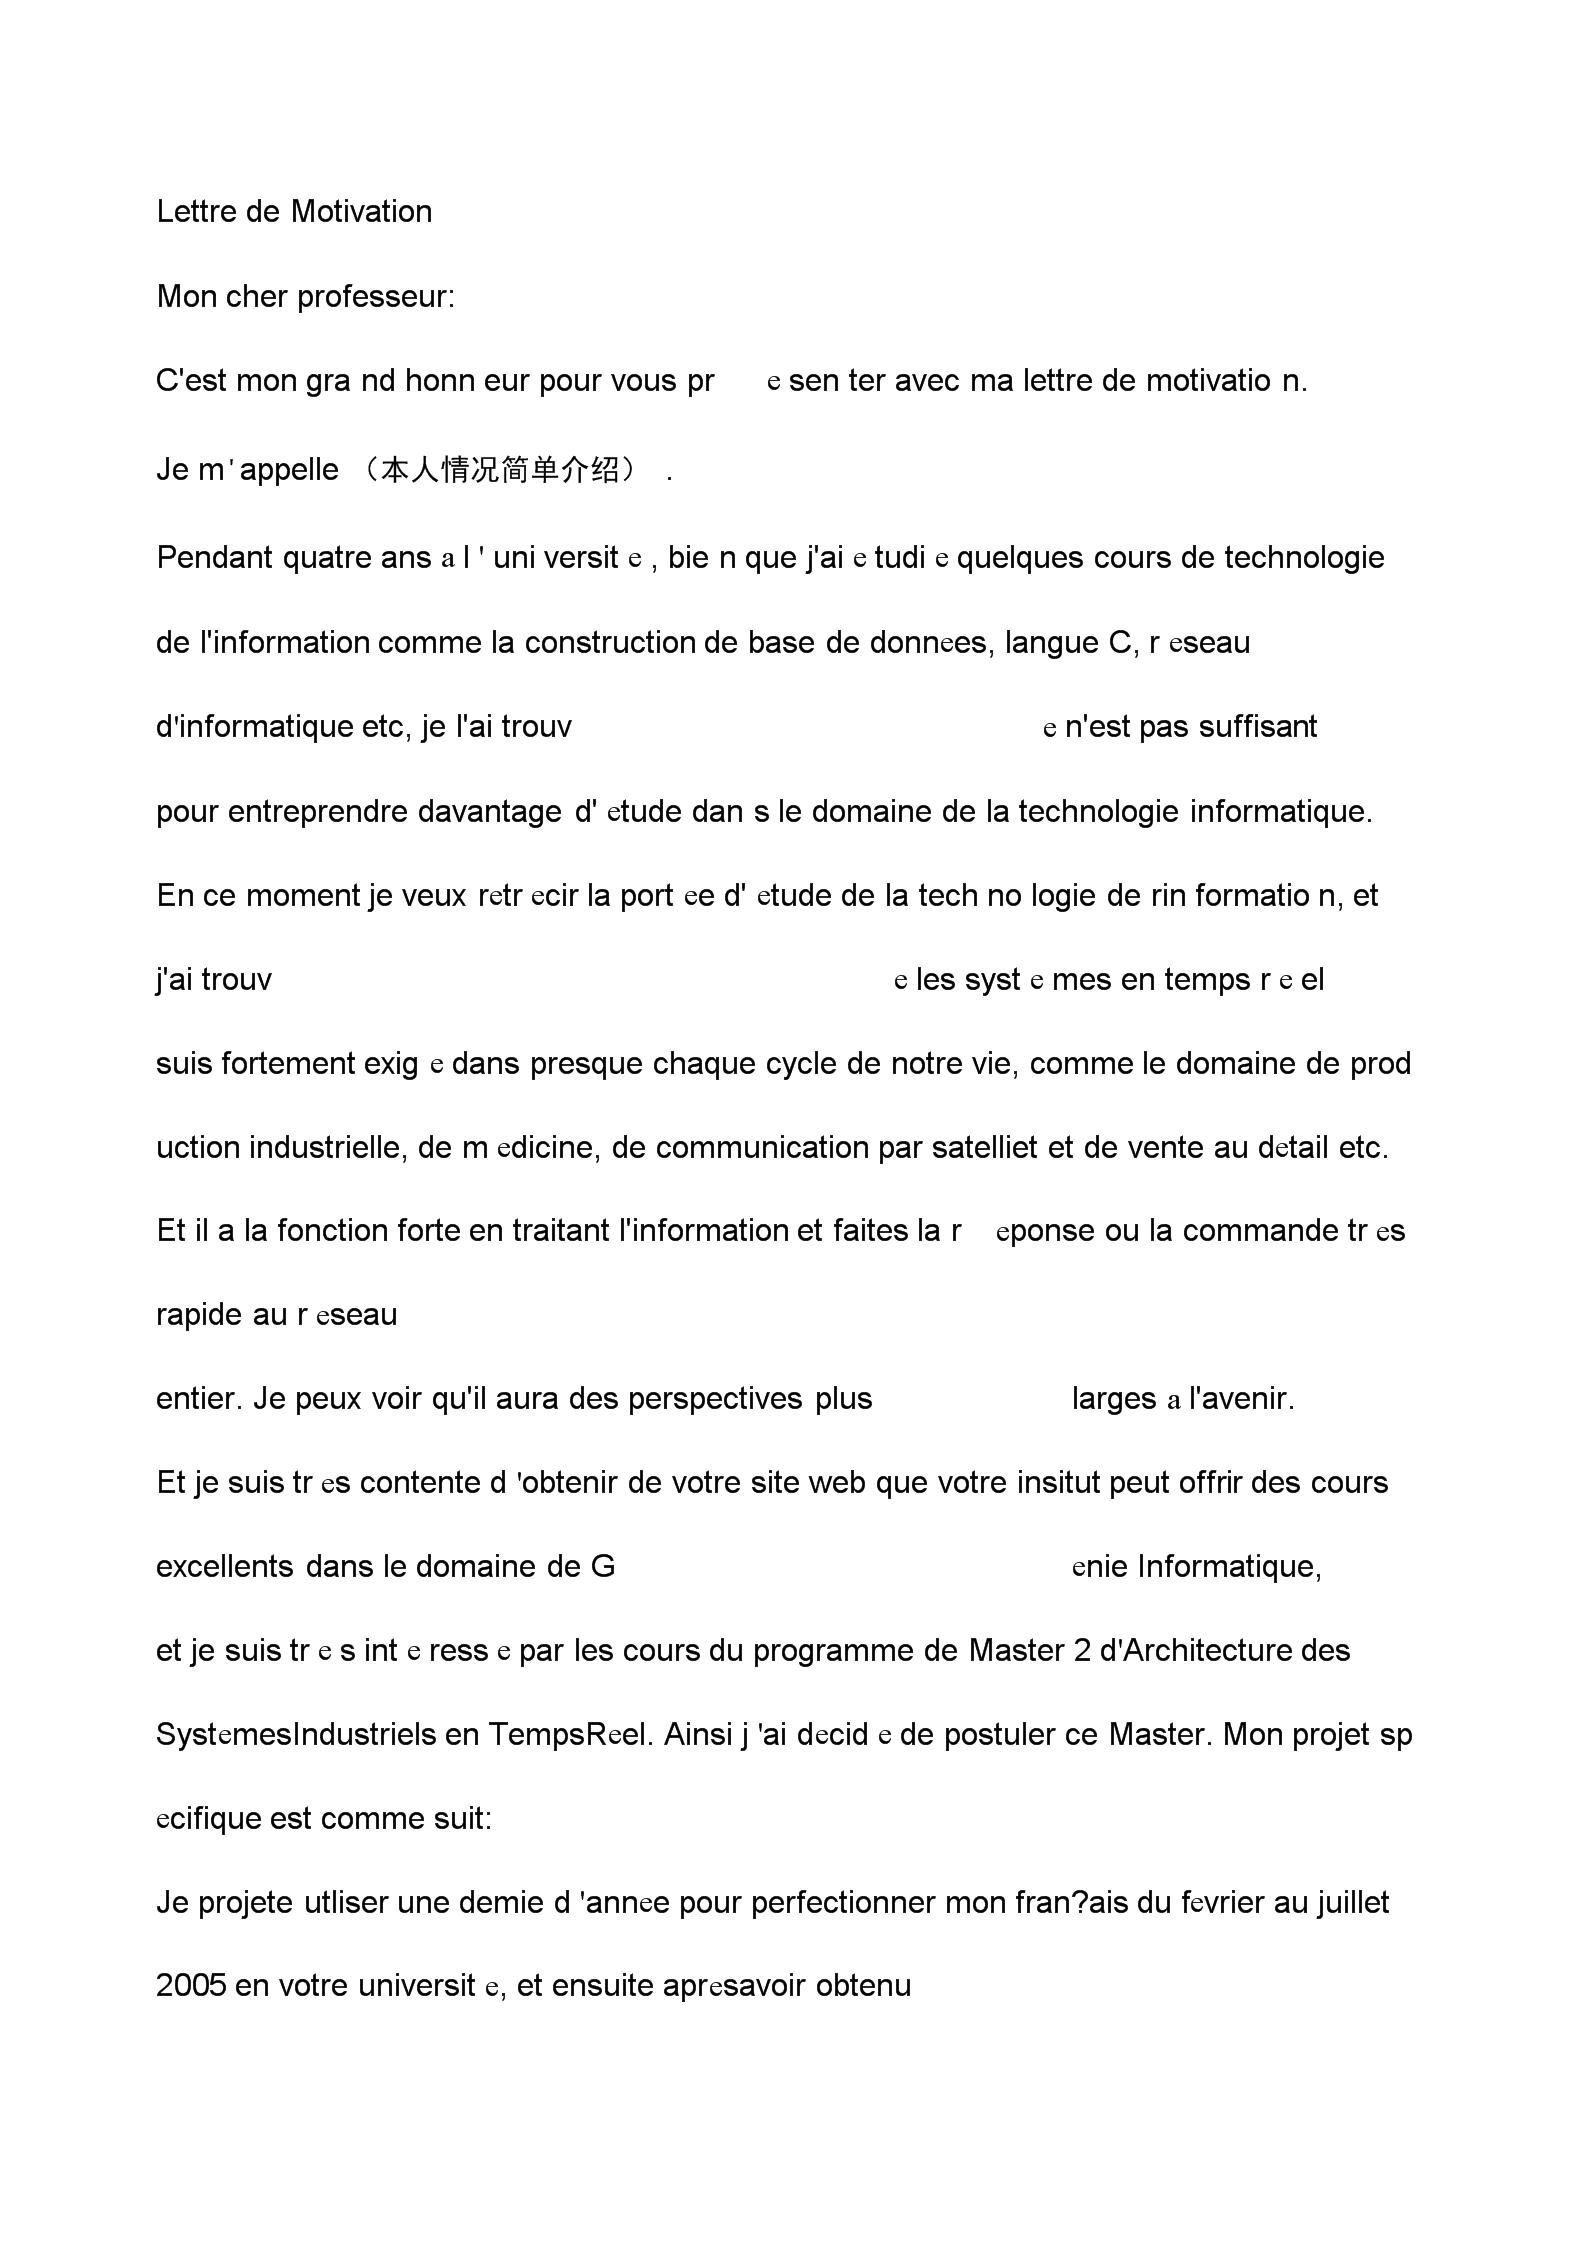 2020法语求职信范文.docx